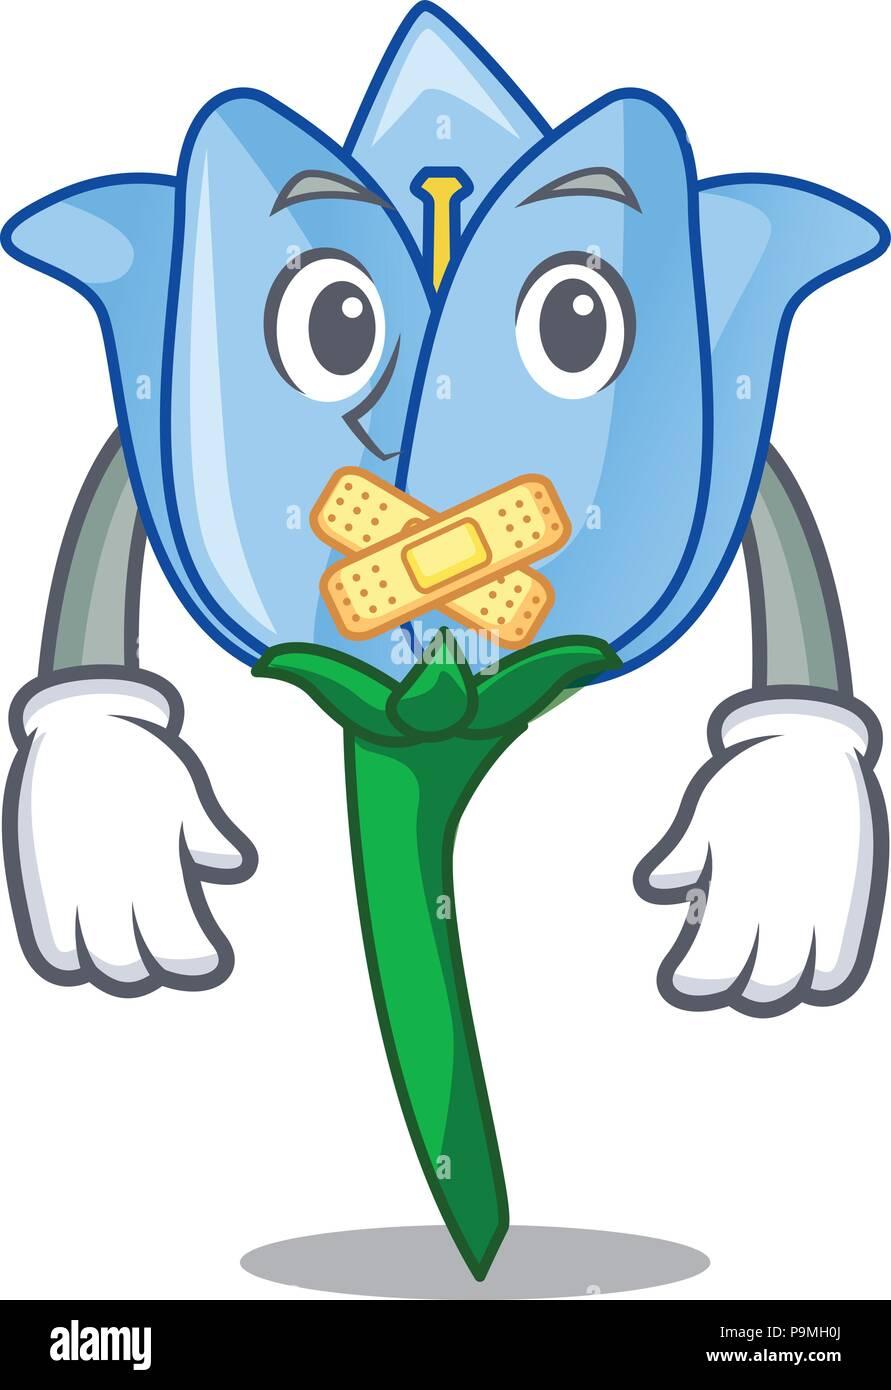 Silent Bell Flower Mascot Cartoon